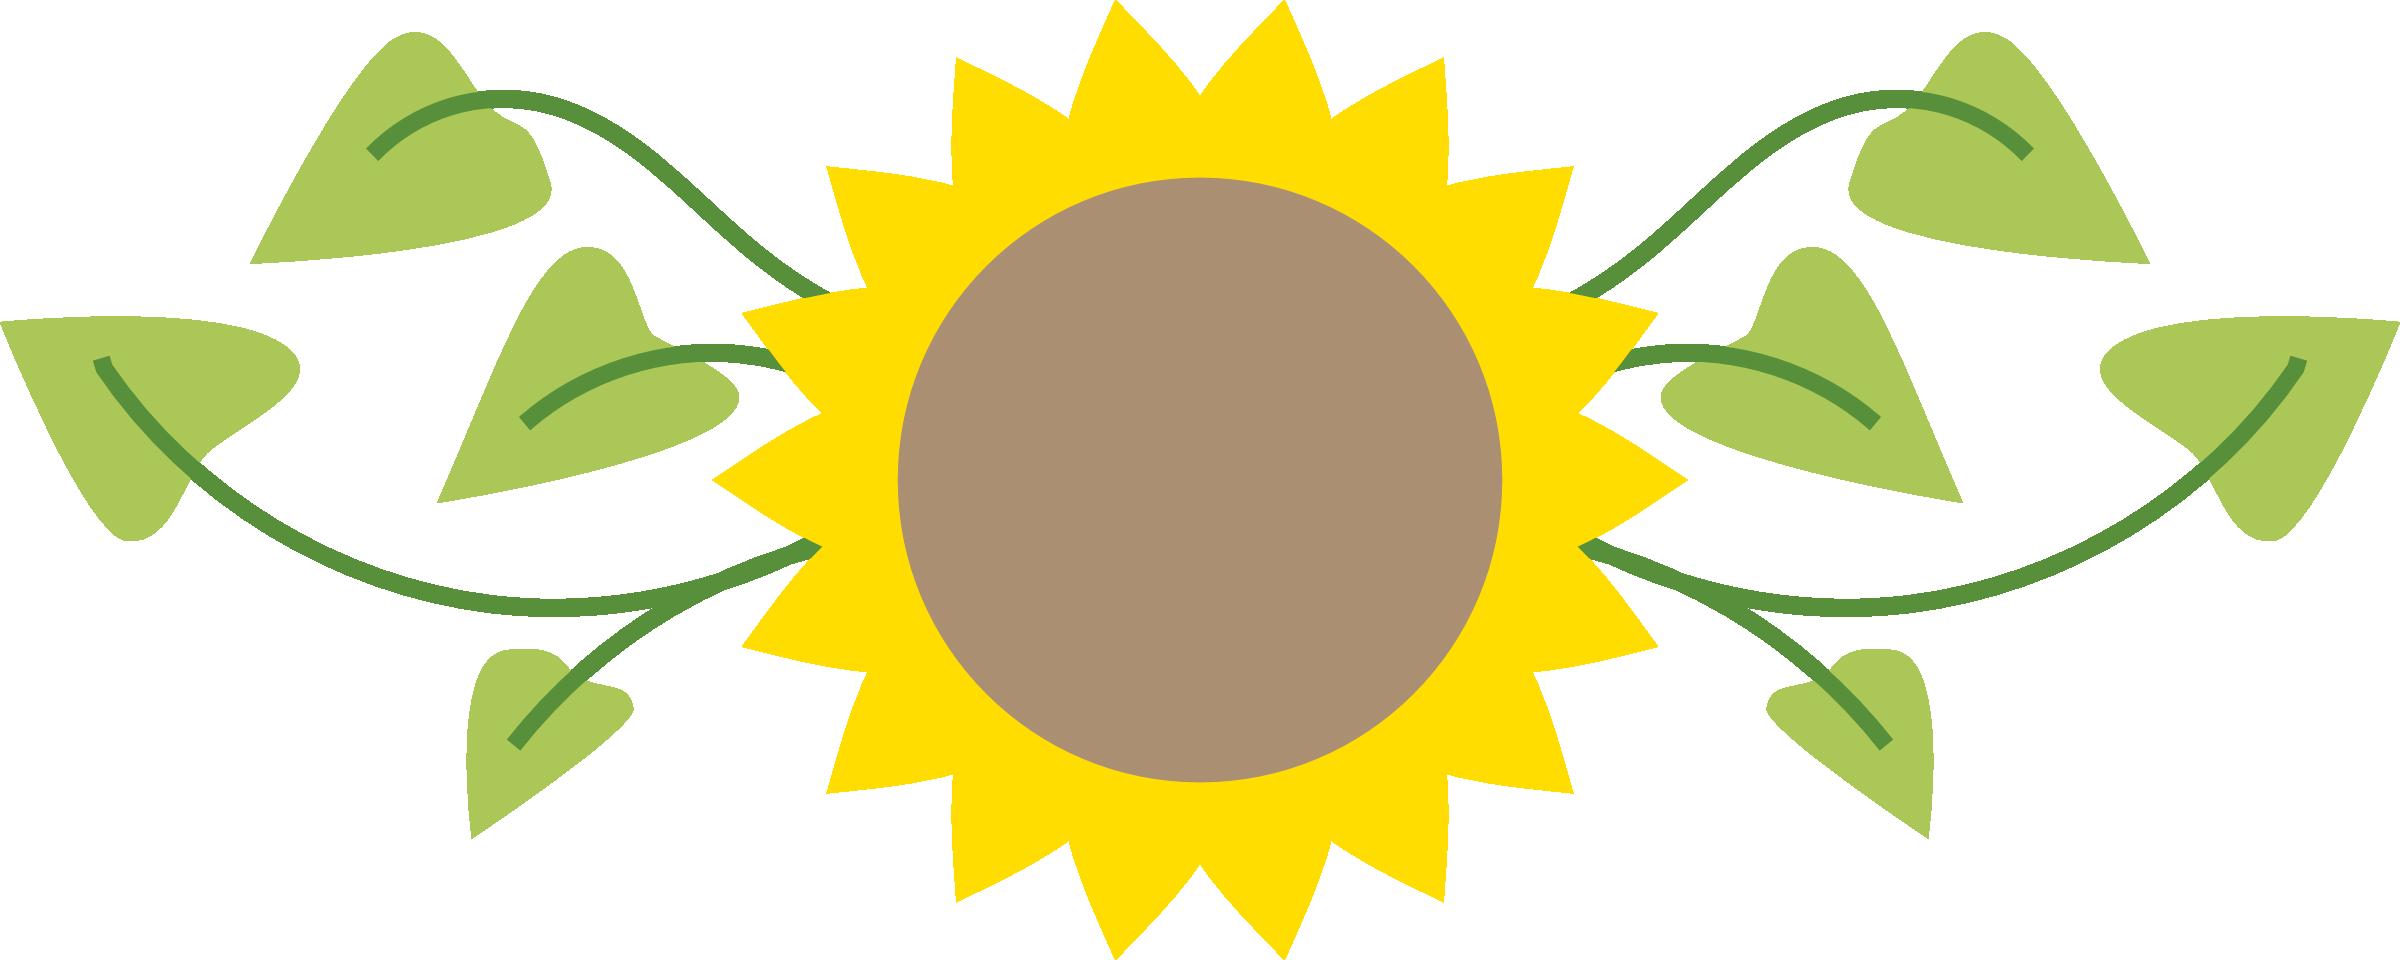 2400x960 Best Beautiful Sunflower Clipart